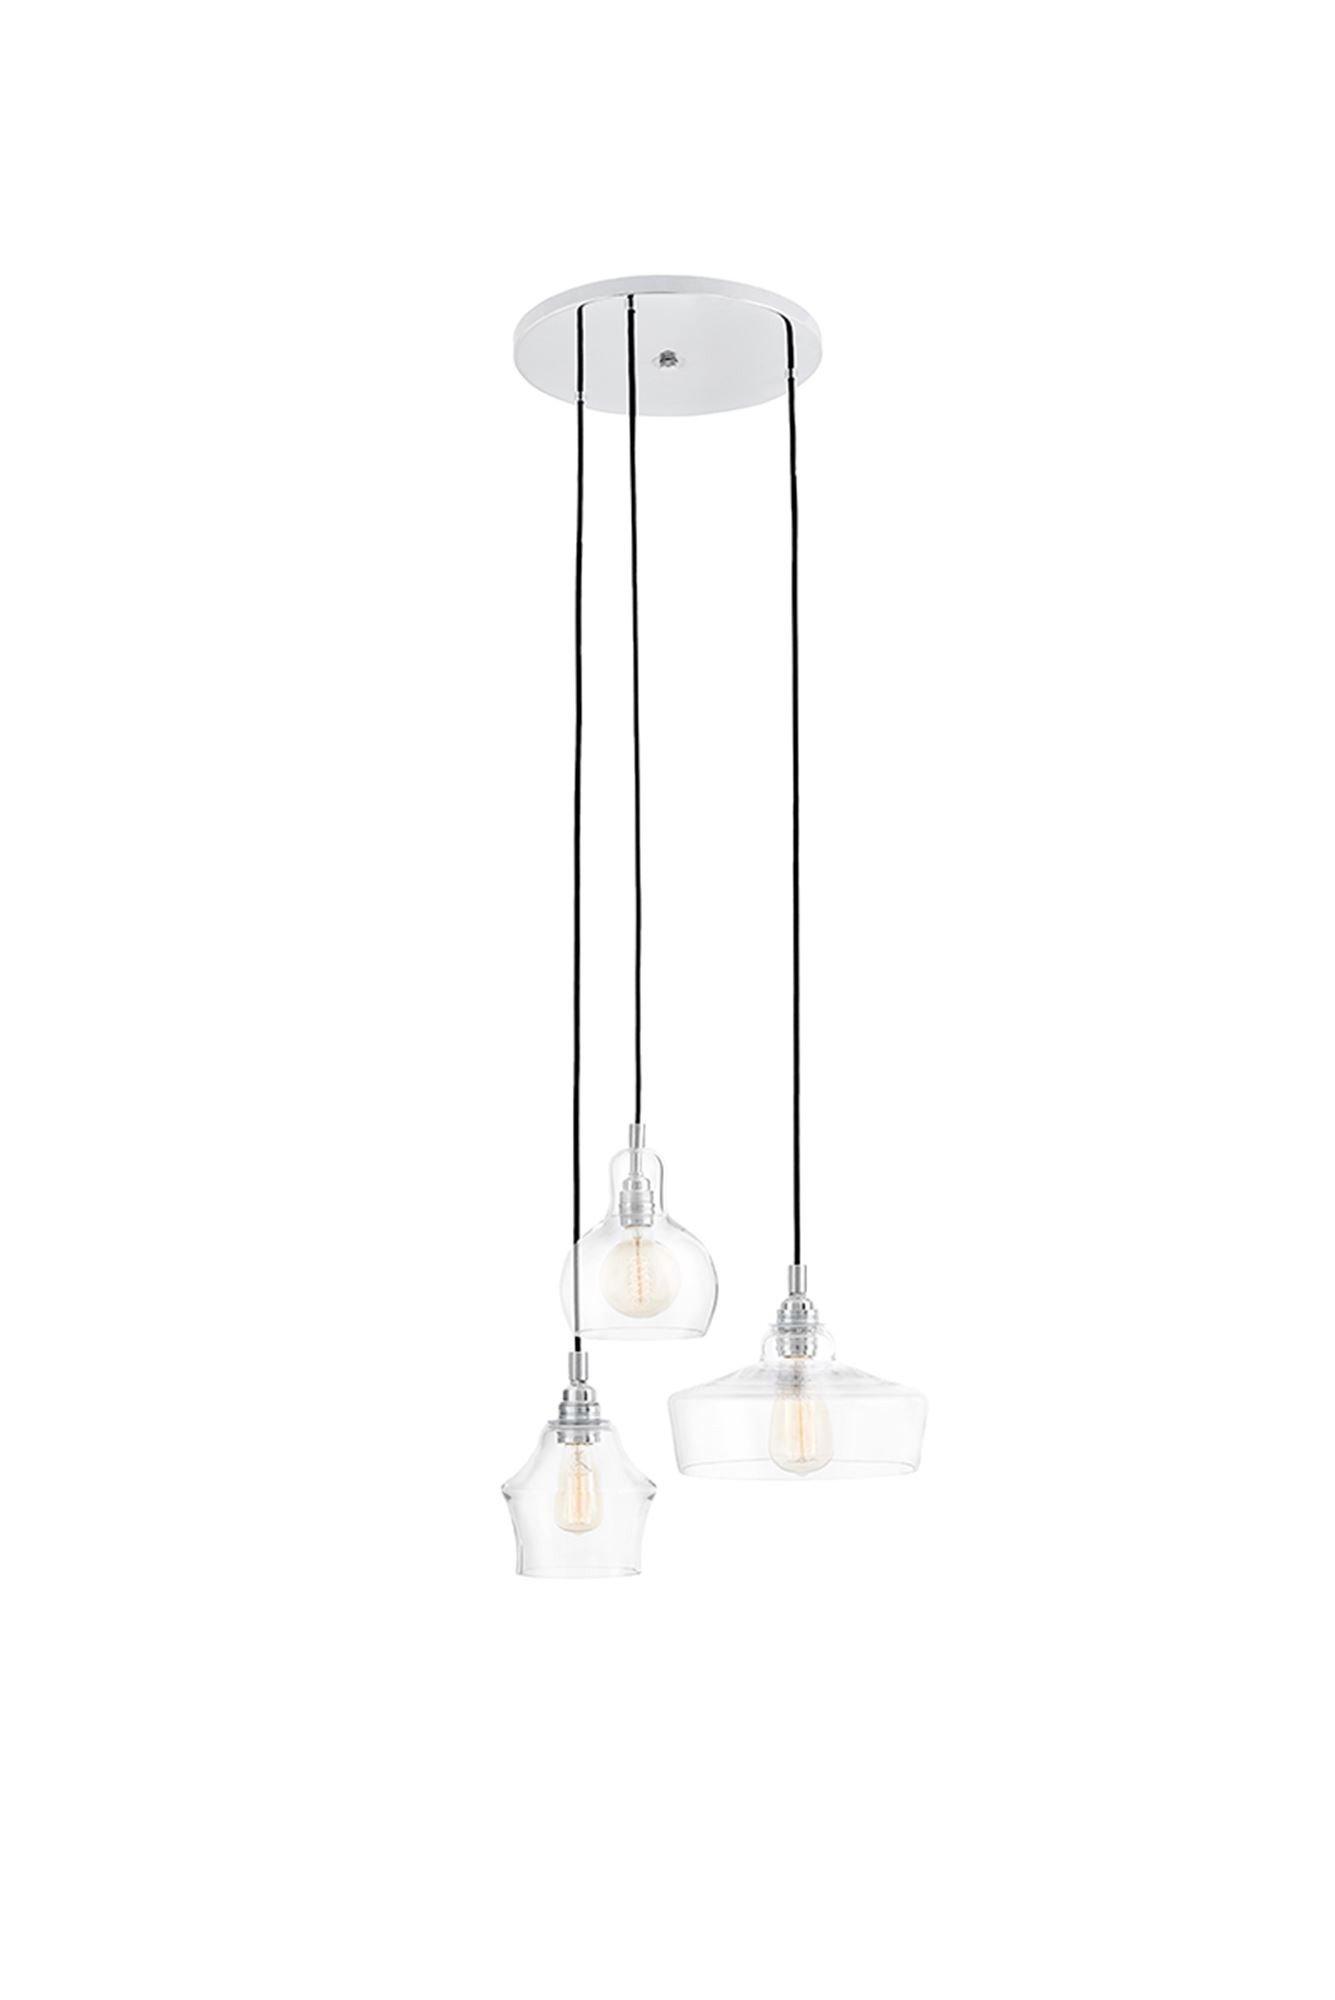 KASPA :: Lampa wisząca Longis Round - 3 klosze